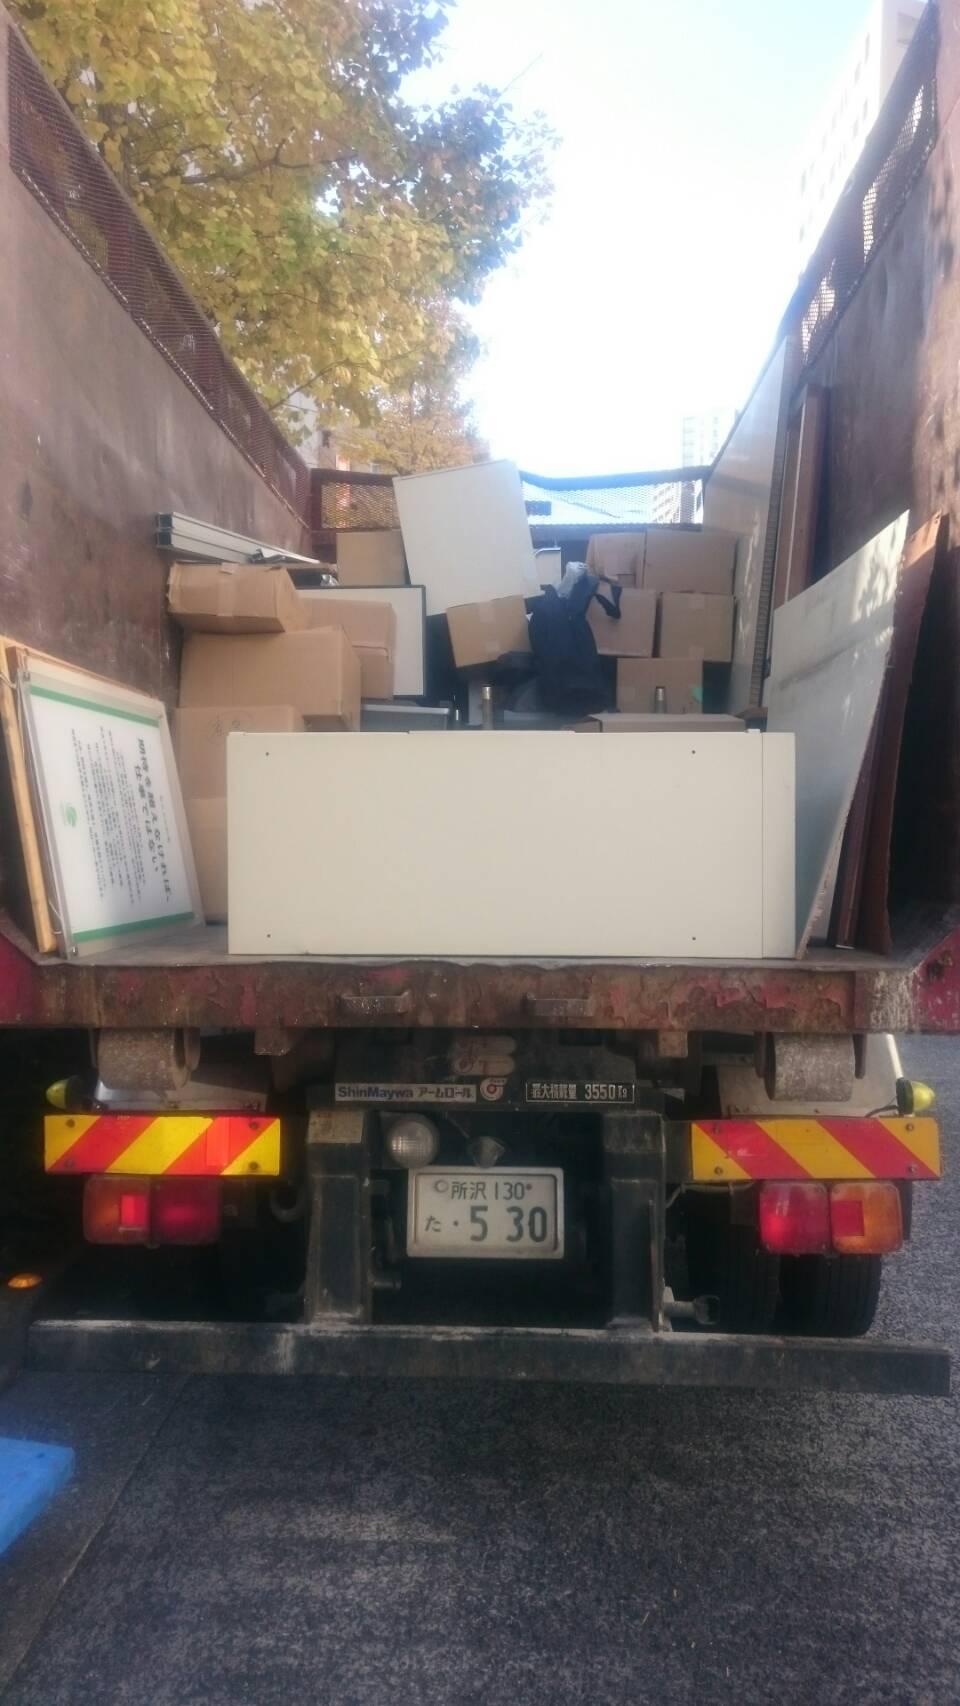 【産業廃棄物の処理】倉庫事務所粗大ごみの収集処理をした事例を紹介します。